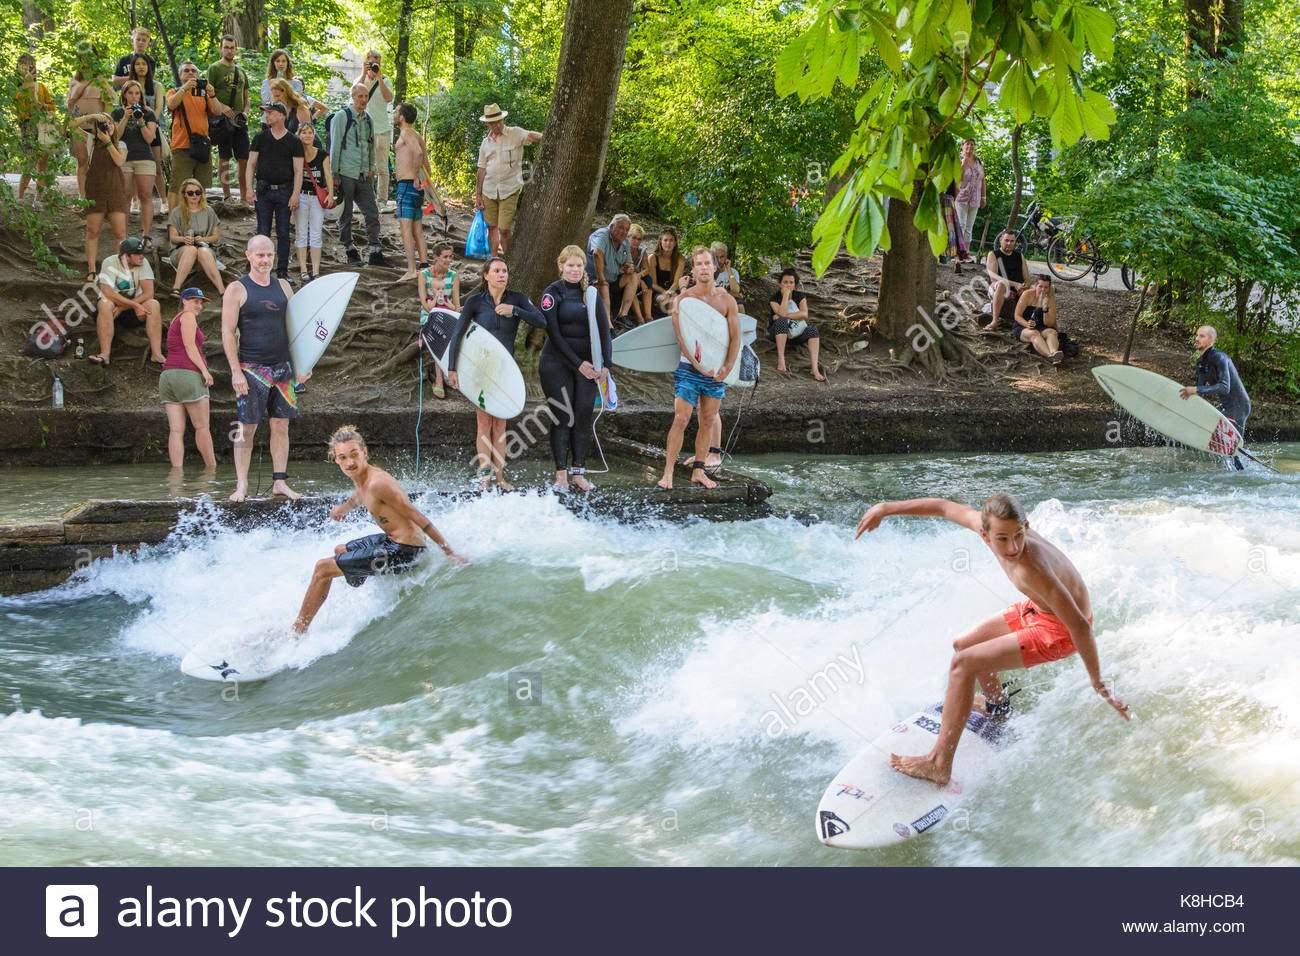 englischer garten surfen einzigartig english gardens munich surfing of englischer garten surfen